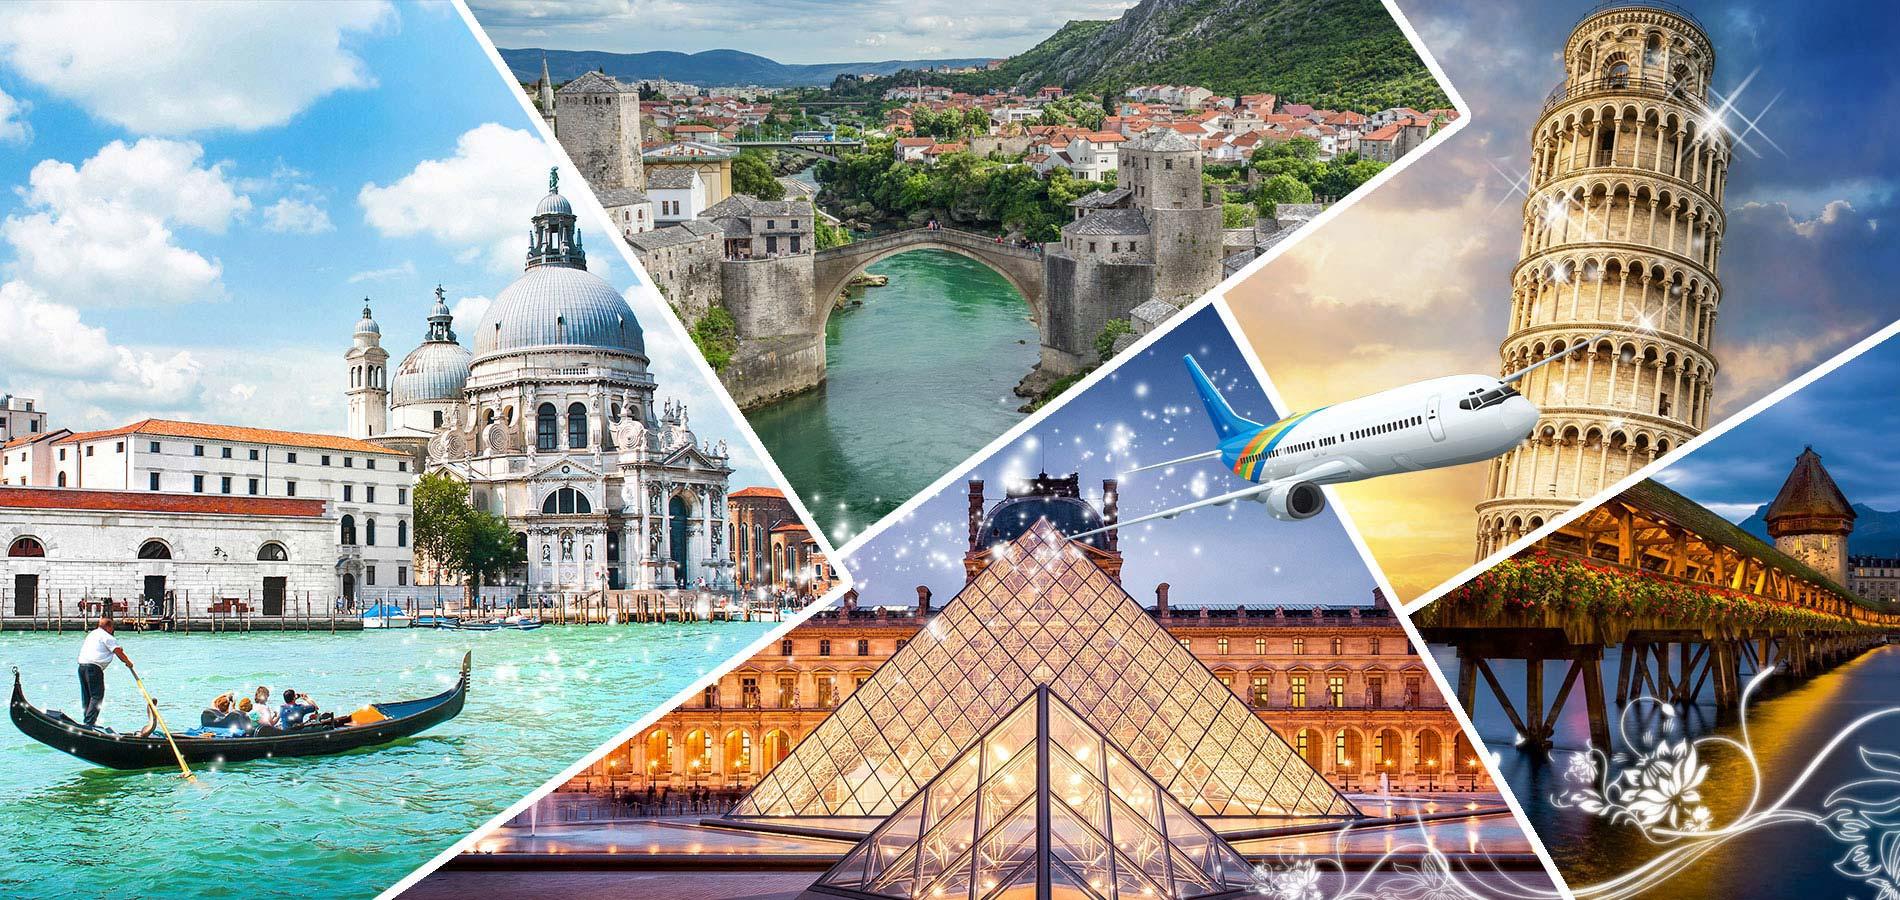 Vận chuyển hàng đi châu Âu tại Cần Thơ giá siêu rẻ, an toàn